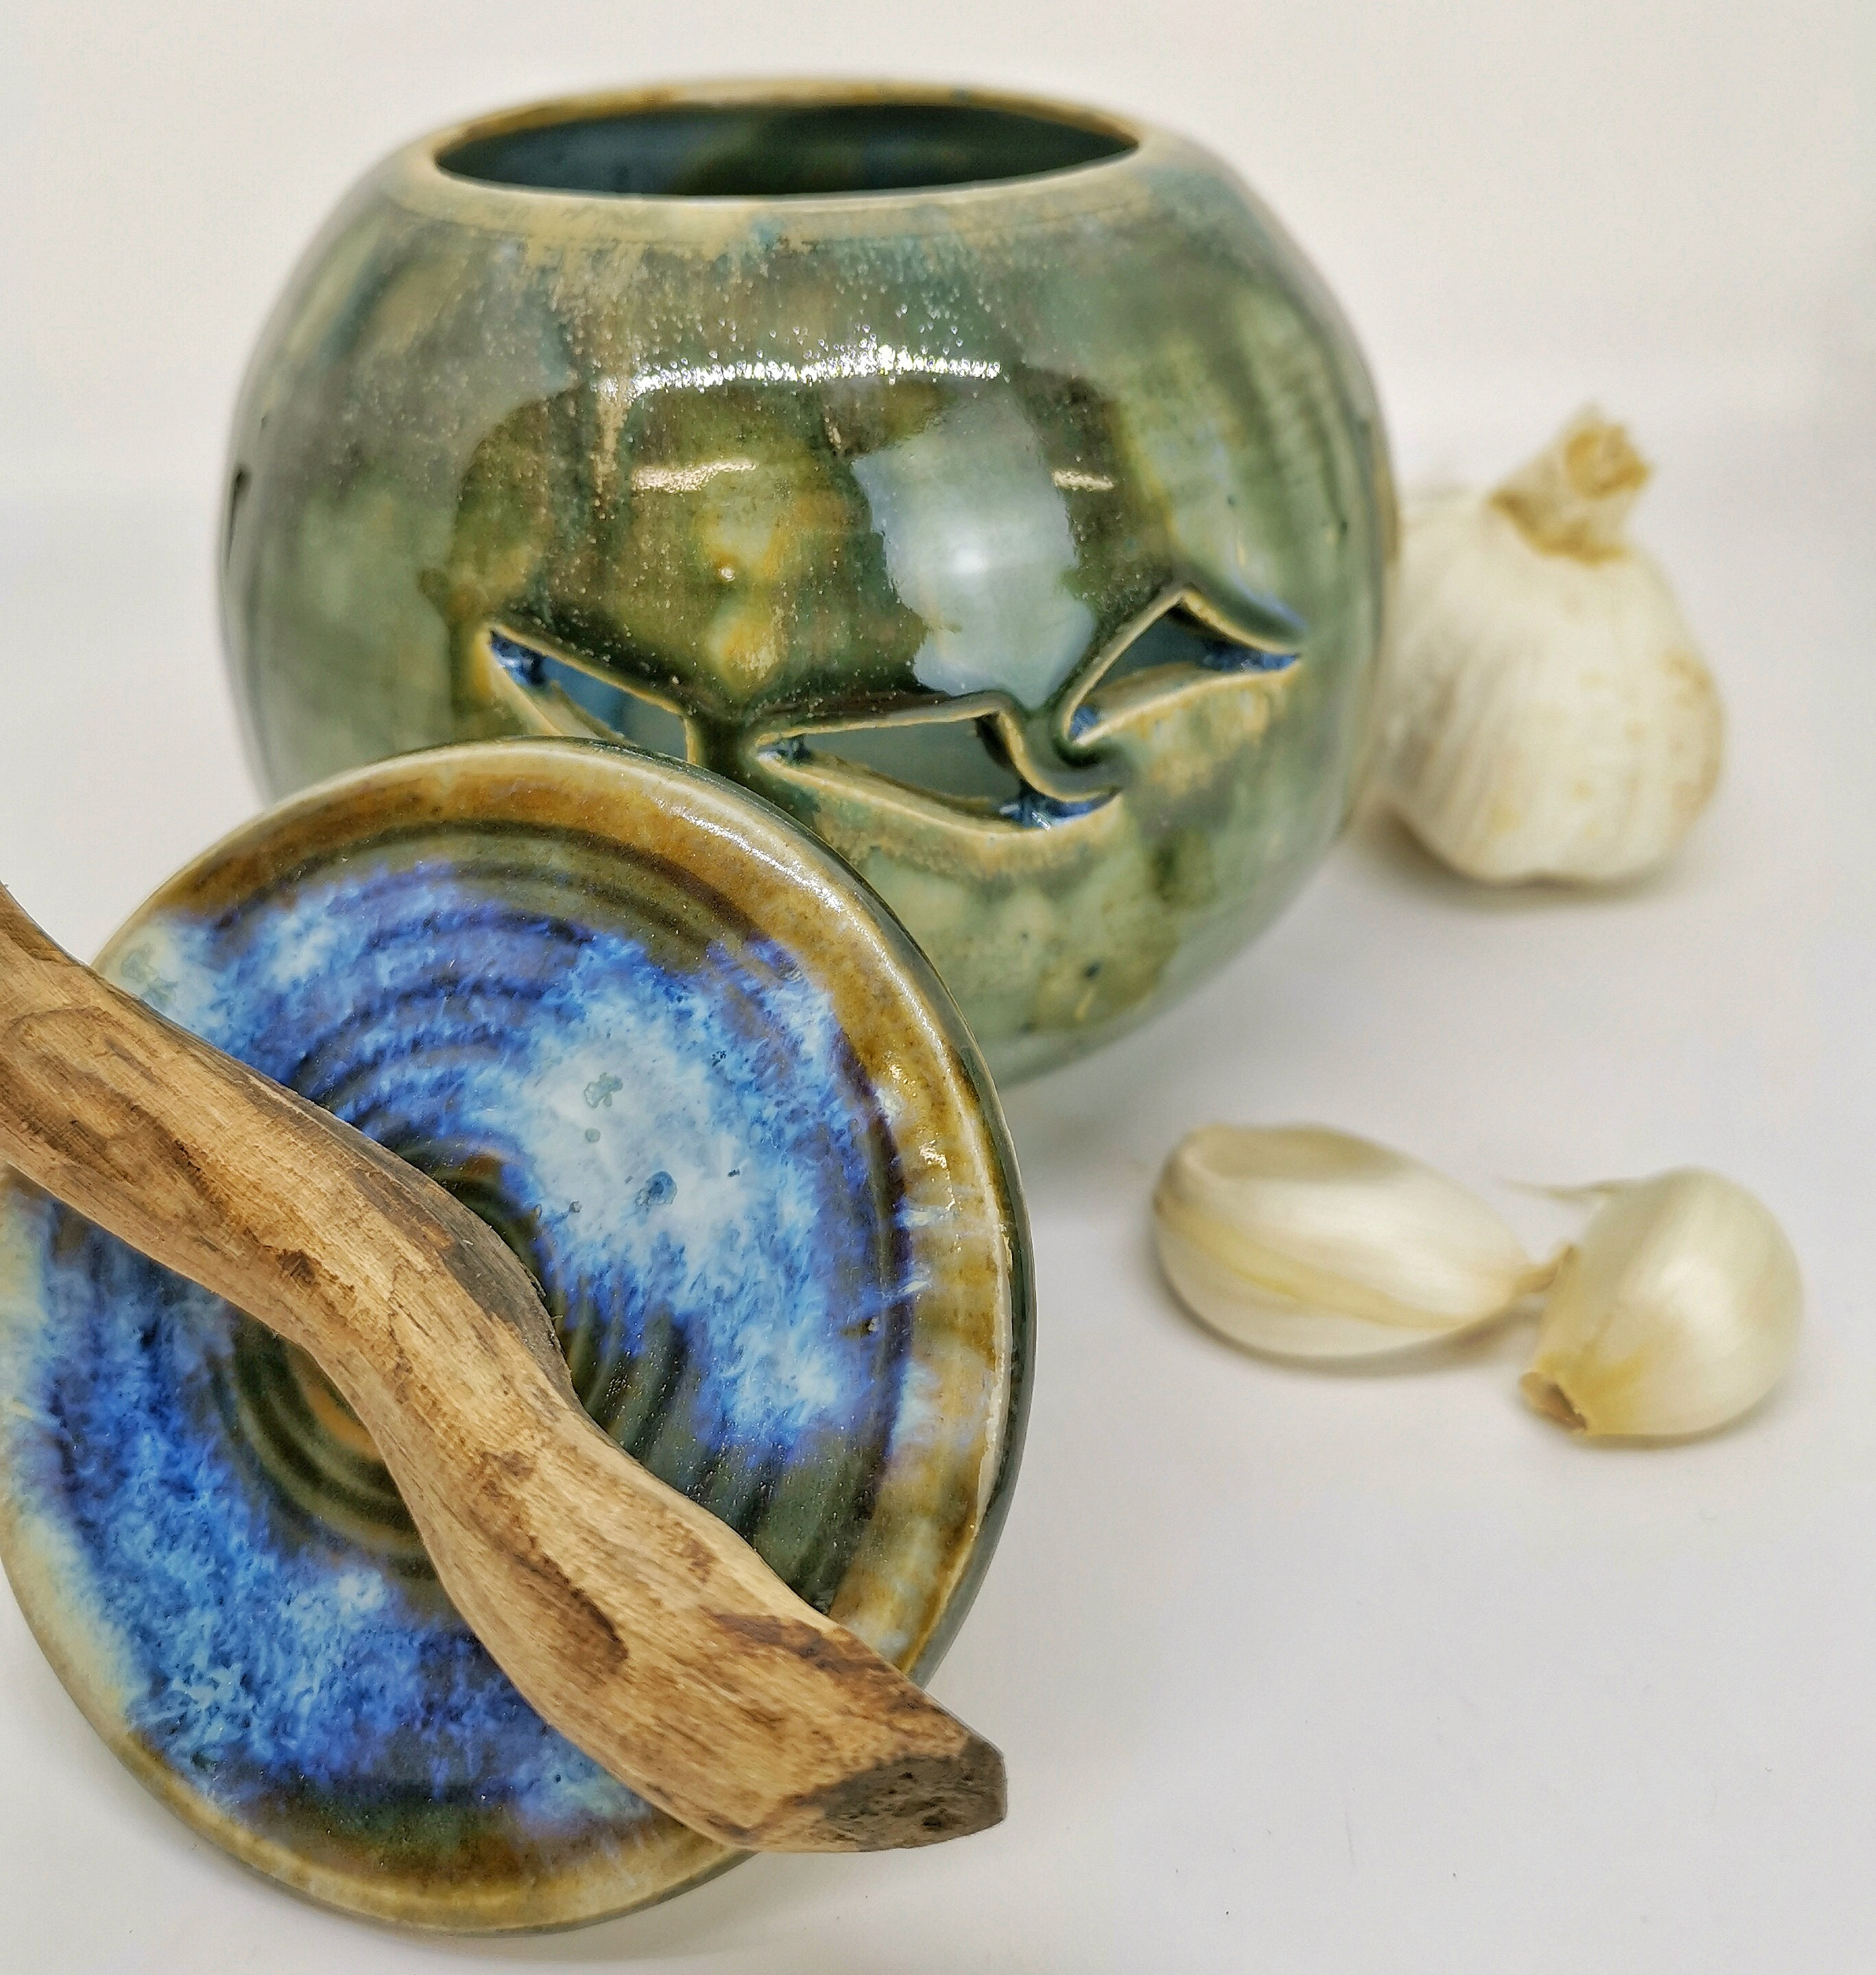 Knoblauchtopfgrün-blau mit Holzgriff von Keramik-Atelier Brigitte Lang in Rauenberg